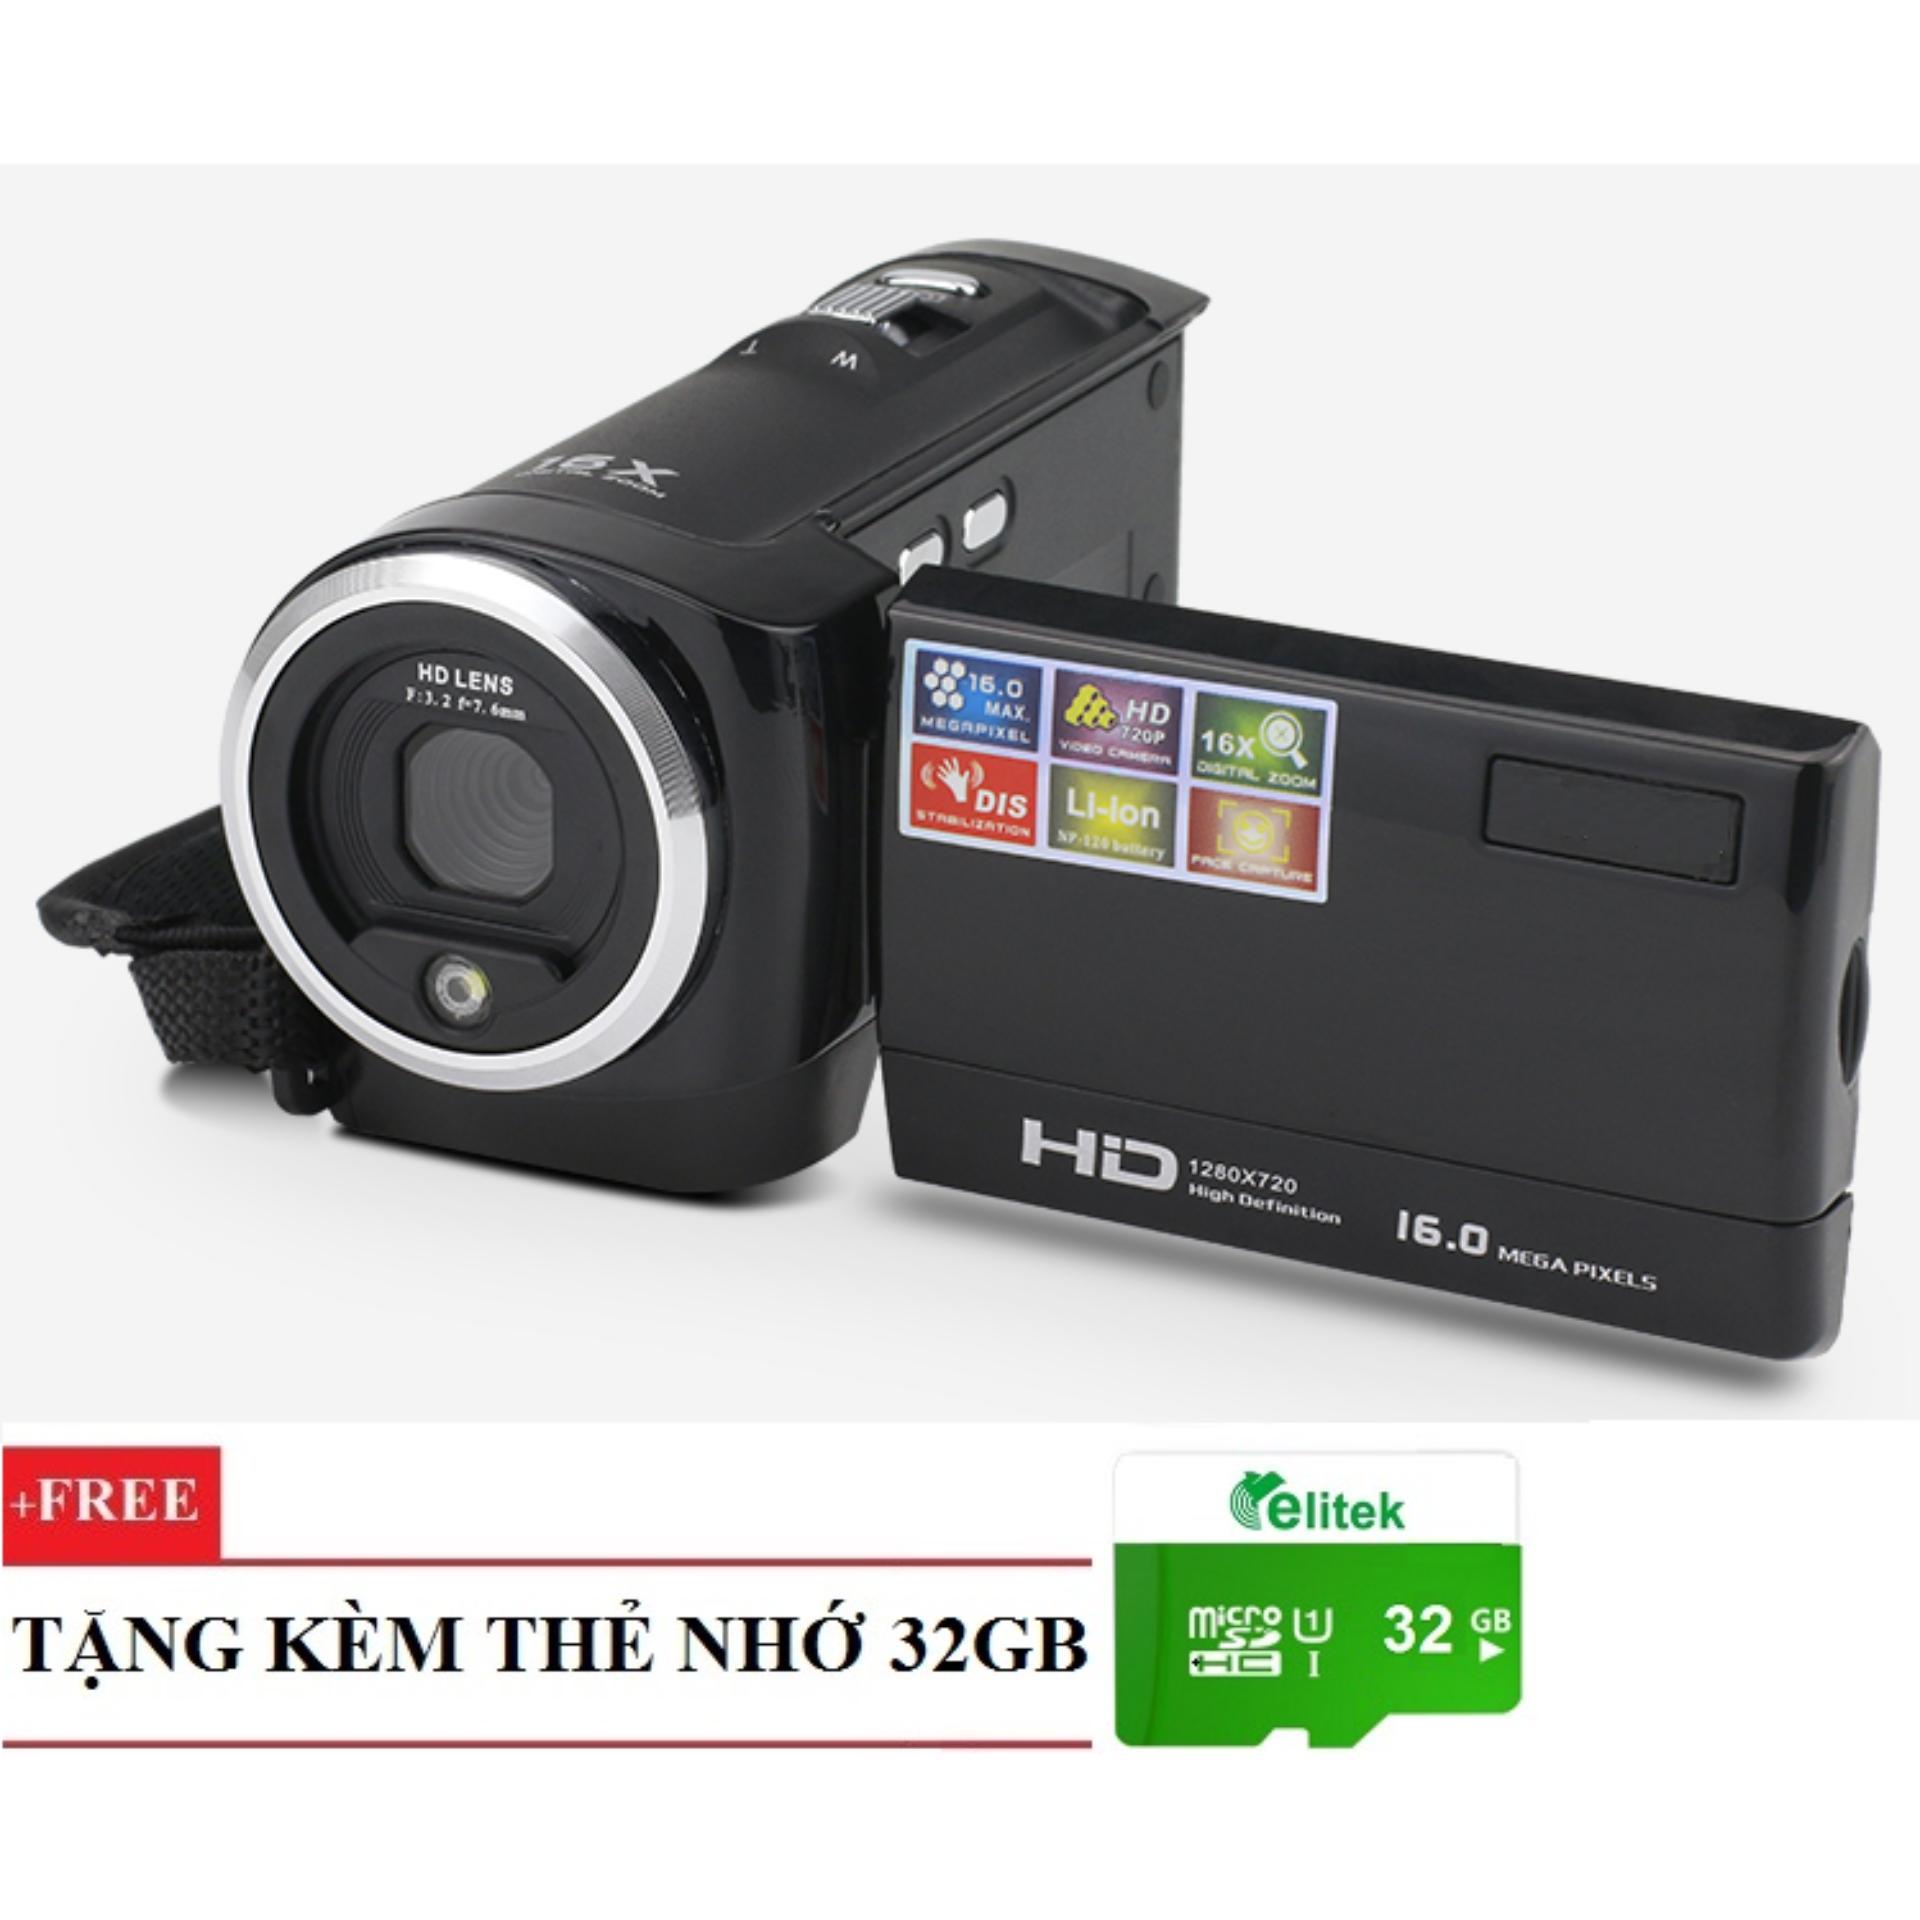 Bảng Báo Giá Máy quay phim cầm tay ELITEK HD Digital Video 16X + Tặng kèm thẻ nhớ 32GB